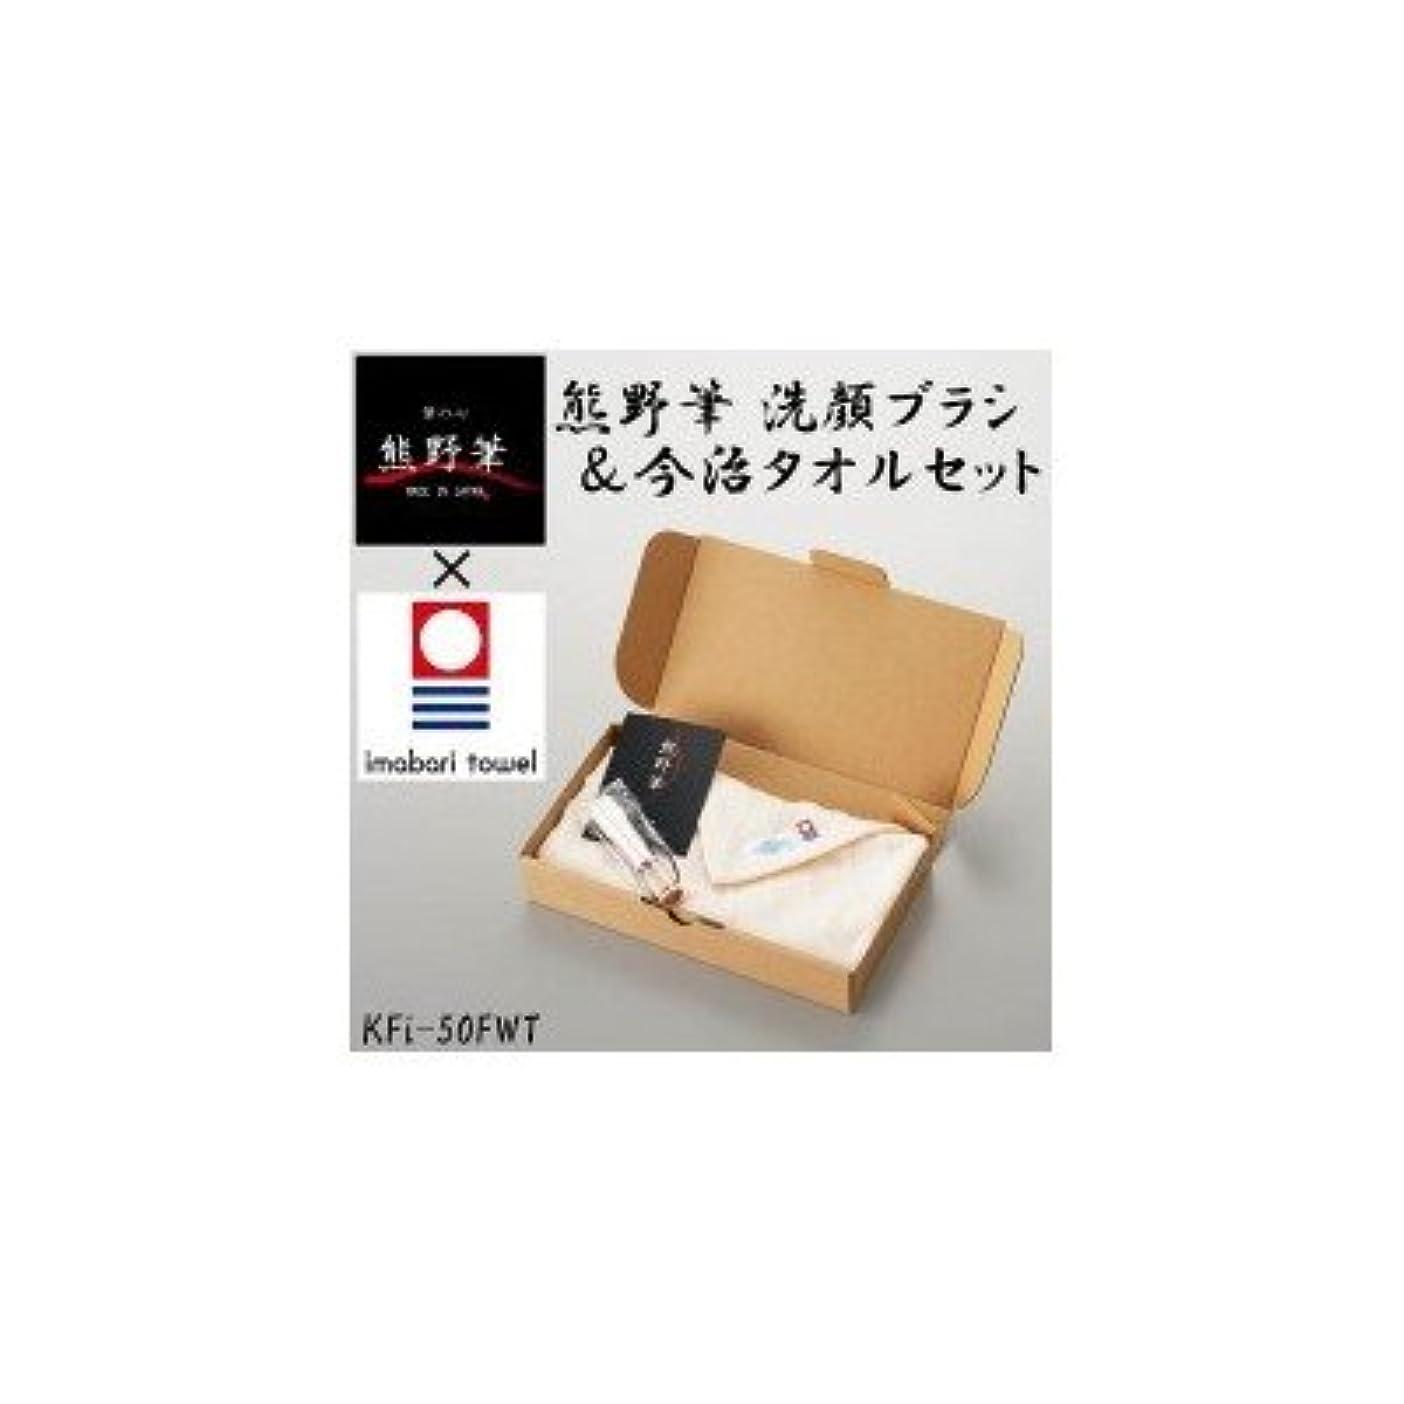 賞賛するそこさておき熊野筆と今治タオルのコラボレーション 熊野筆 洗顔ブラシ&今治タオルセット KFi-50FWT